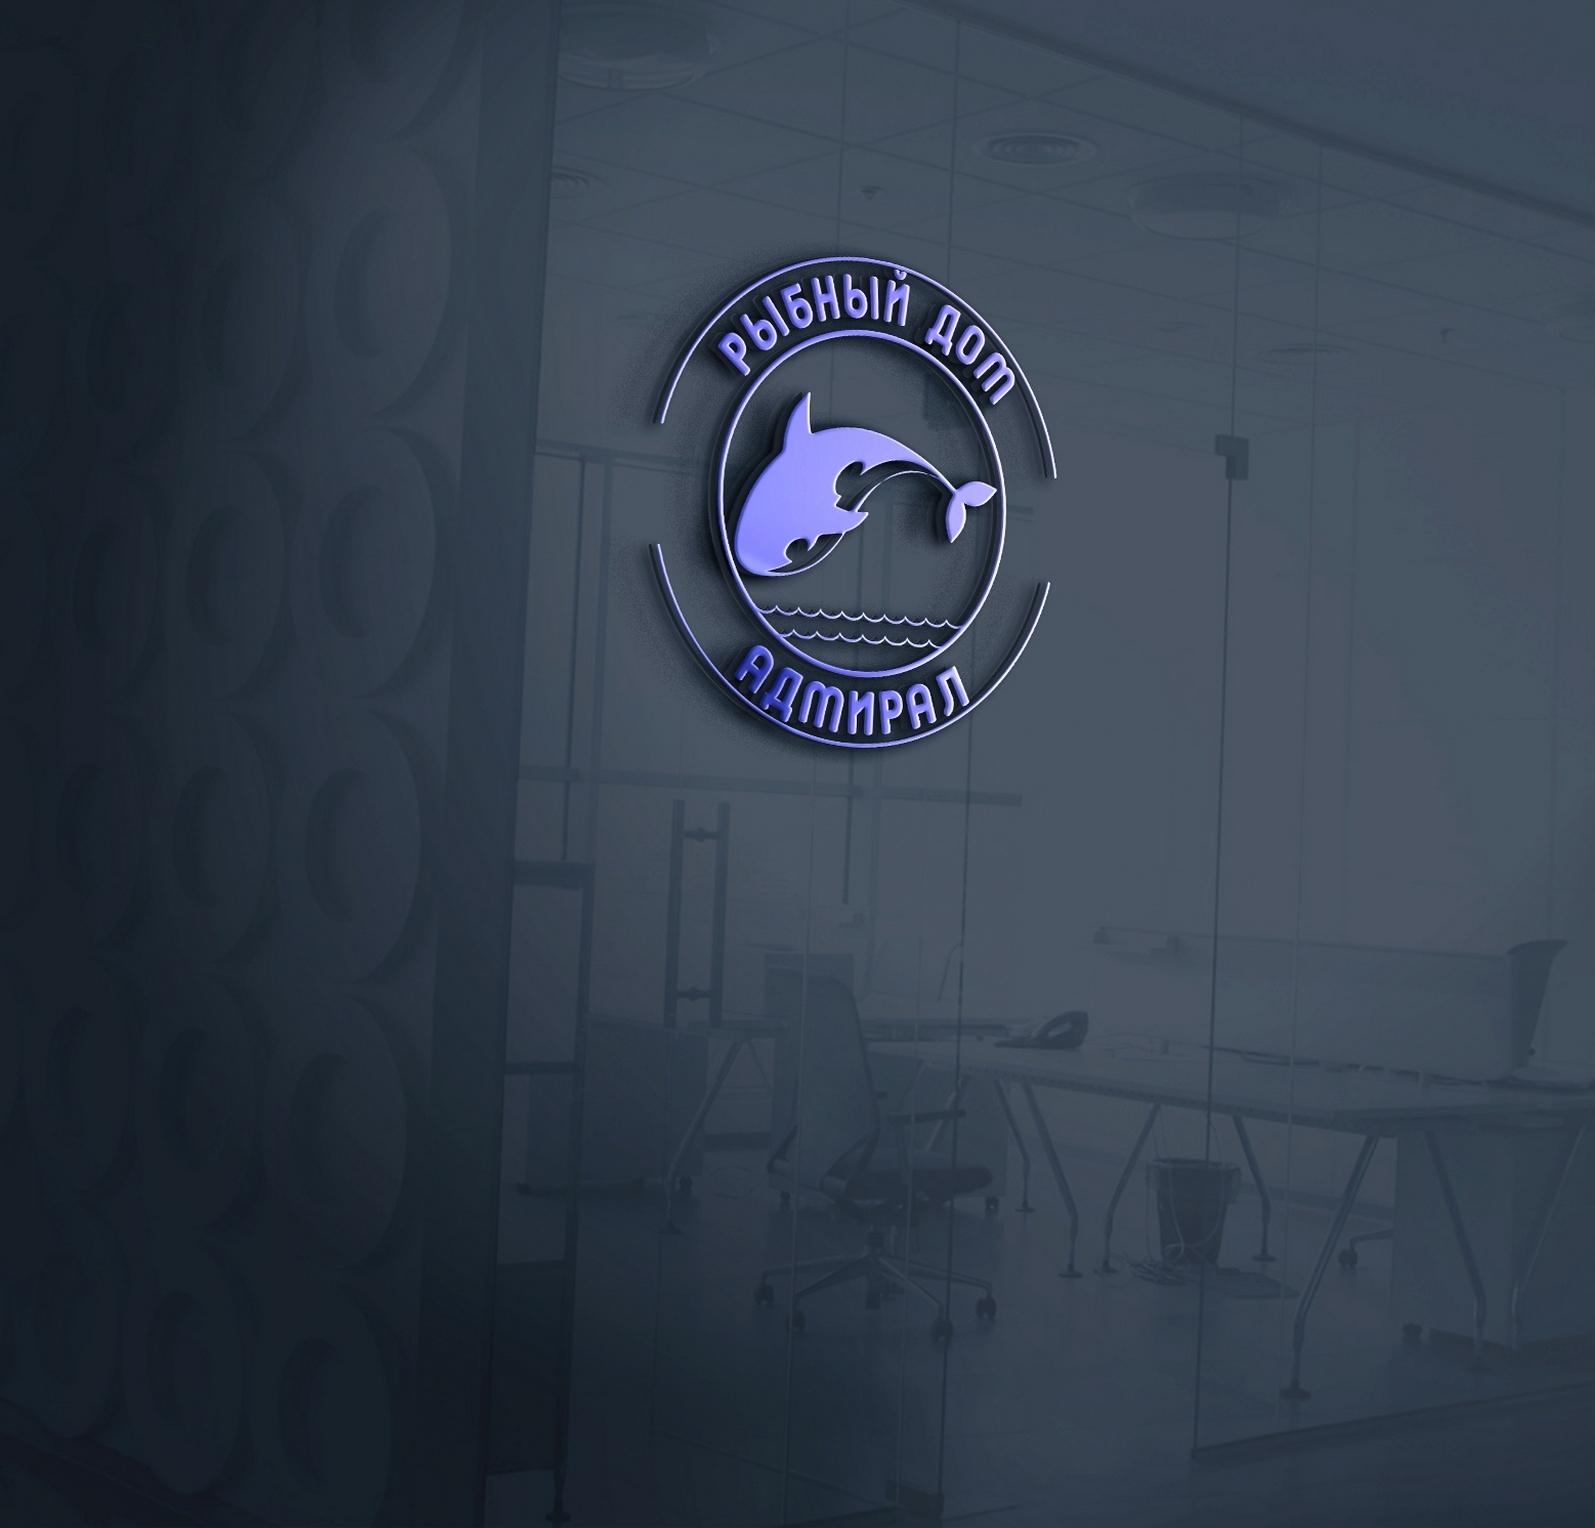 Разработка фирменного стиля для рыбного магазина фото f_4235a08400b8418a.jpg